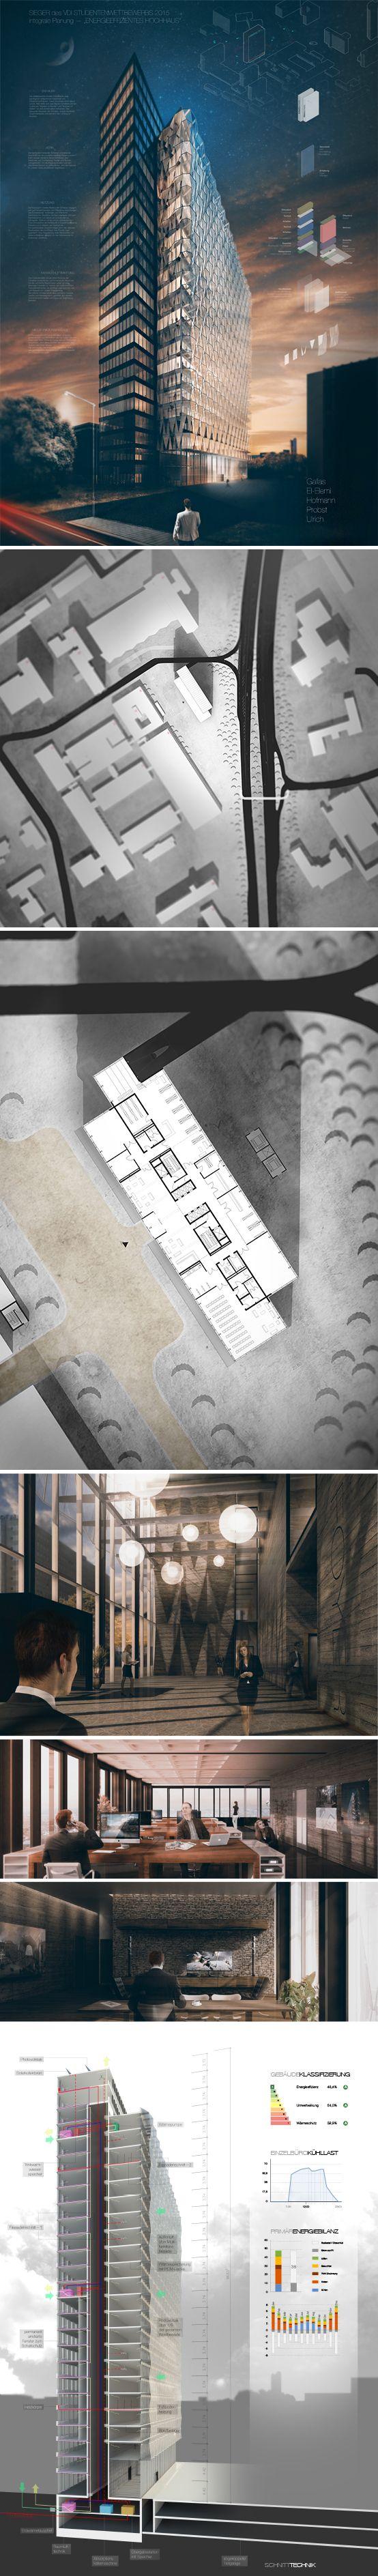 27 Best Demolition Plans Images On